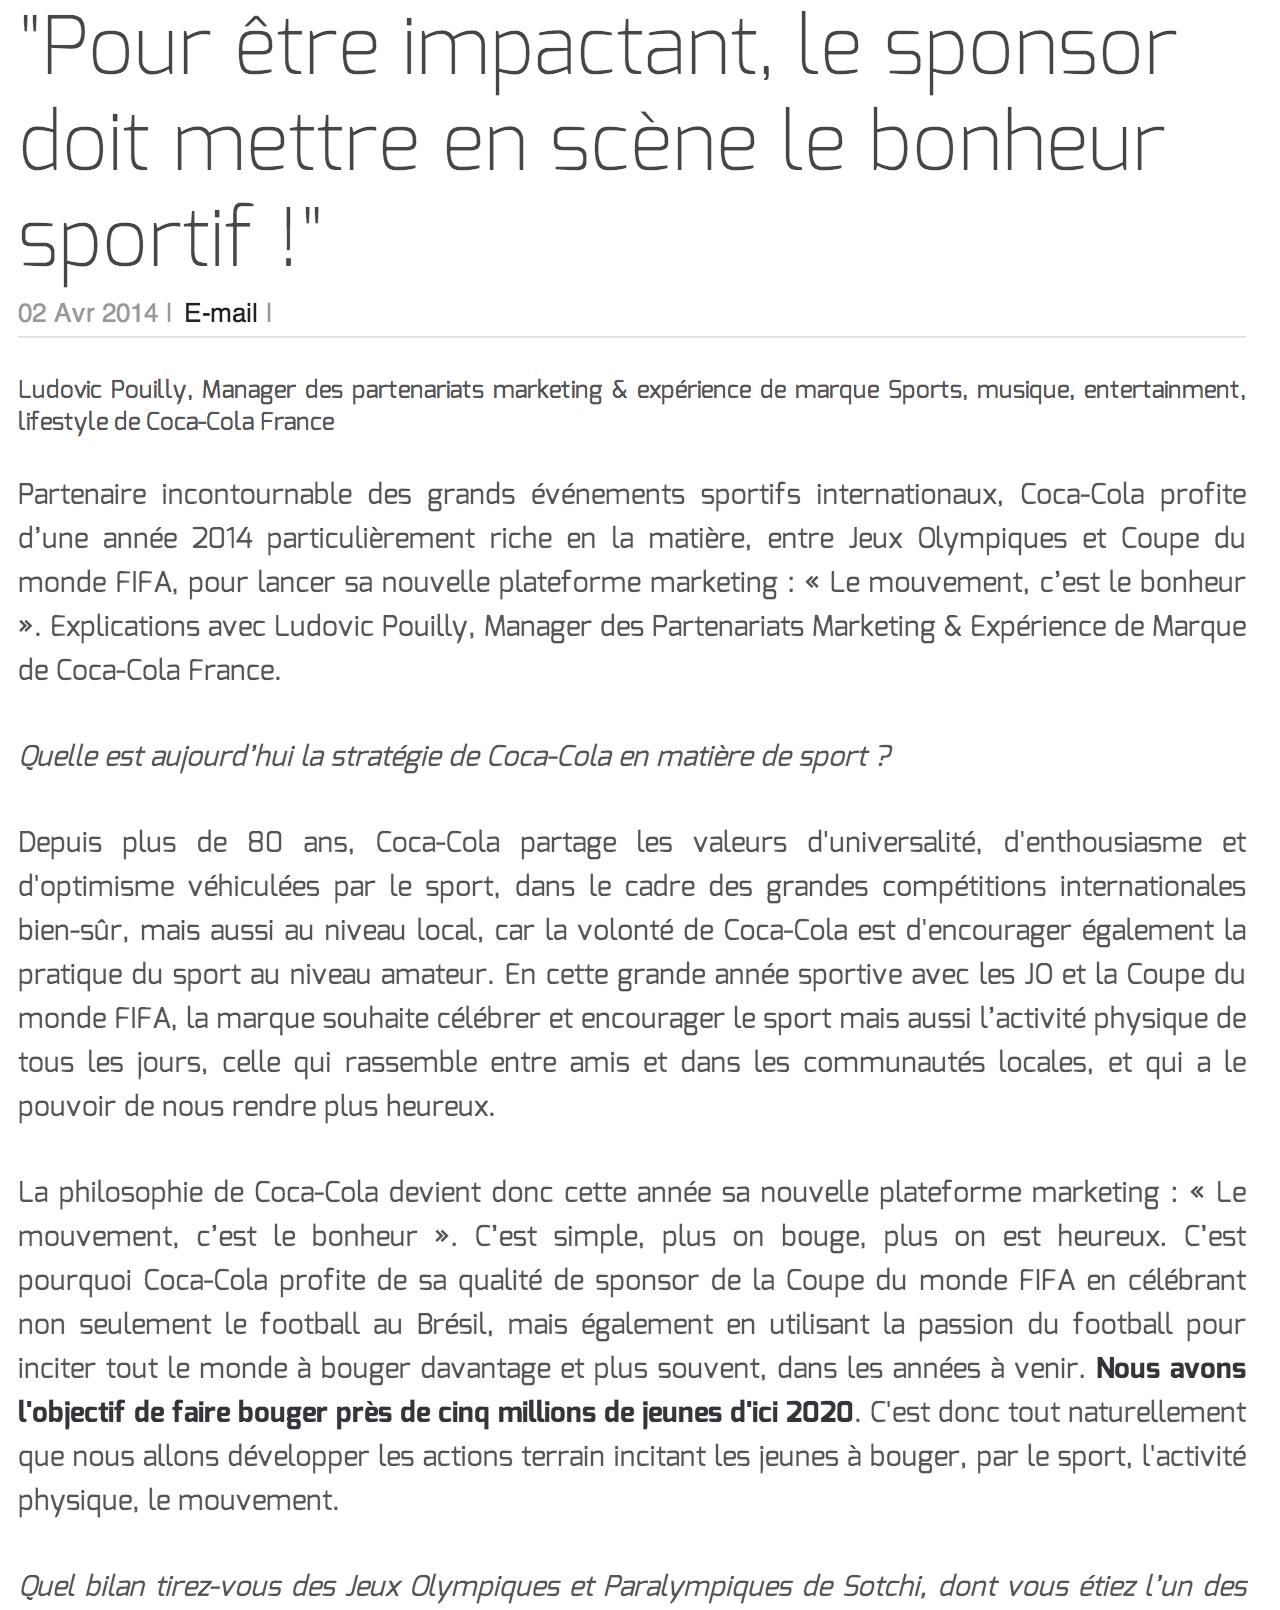 """""""Pour être impactant, le sponsor doit mettre en scène le bonheur sportif !"""""""